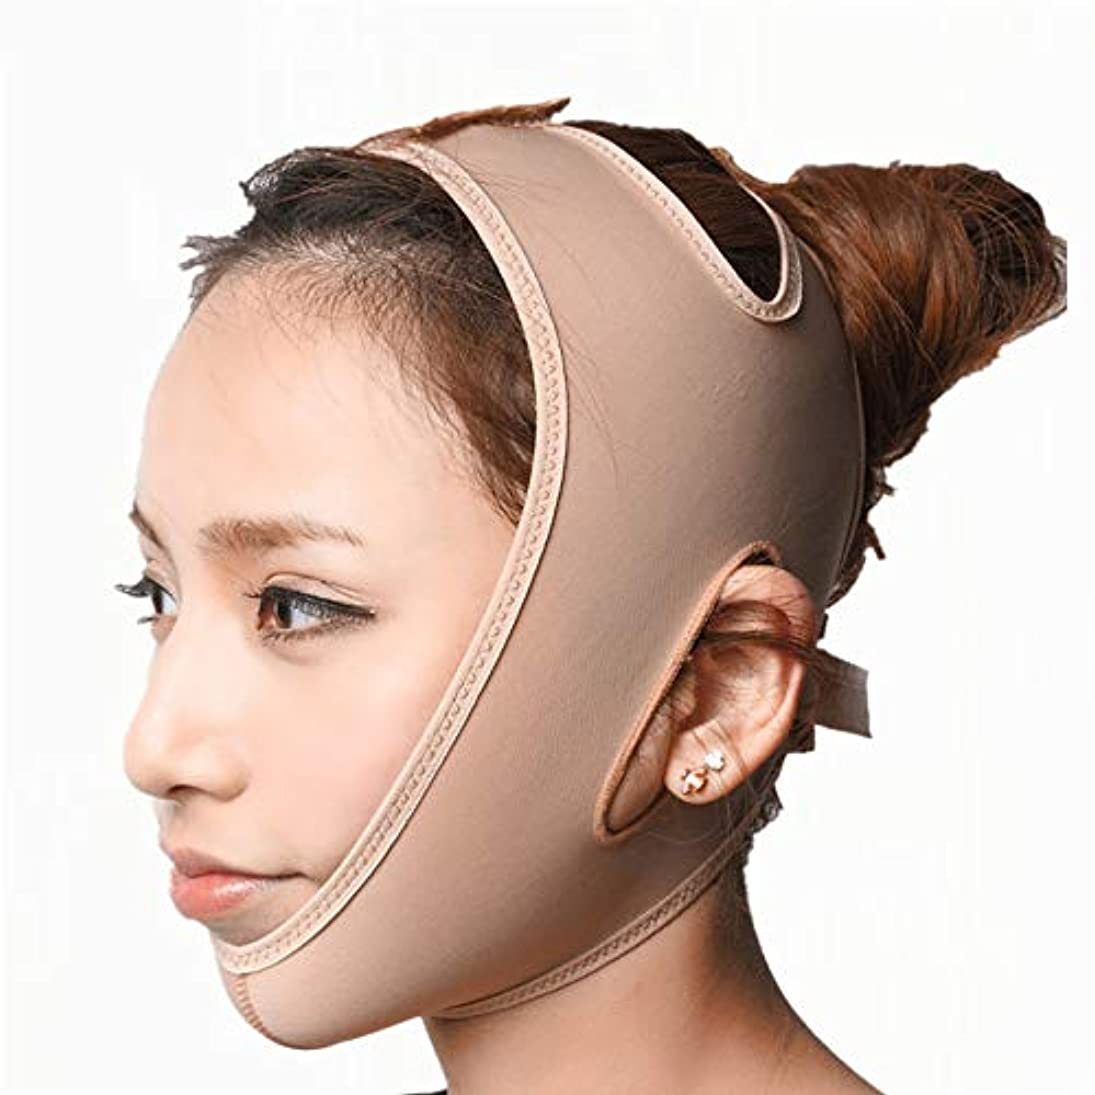 音楽ジャニス名前でXINGZHE 顔の持ち上がる痩身ベルト - アンチエイジングリンクルフェイスマスクベルトシンフェイス包帯整形マスクは顔と首を締めますフェイススリム フェイスリフティングベルト (サイズ さいず : XL)